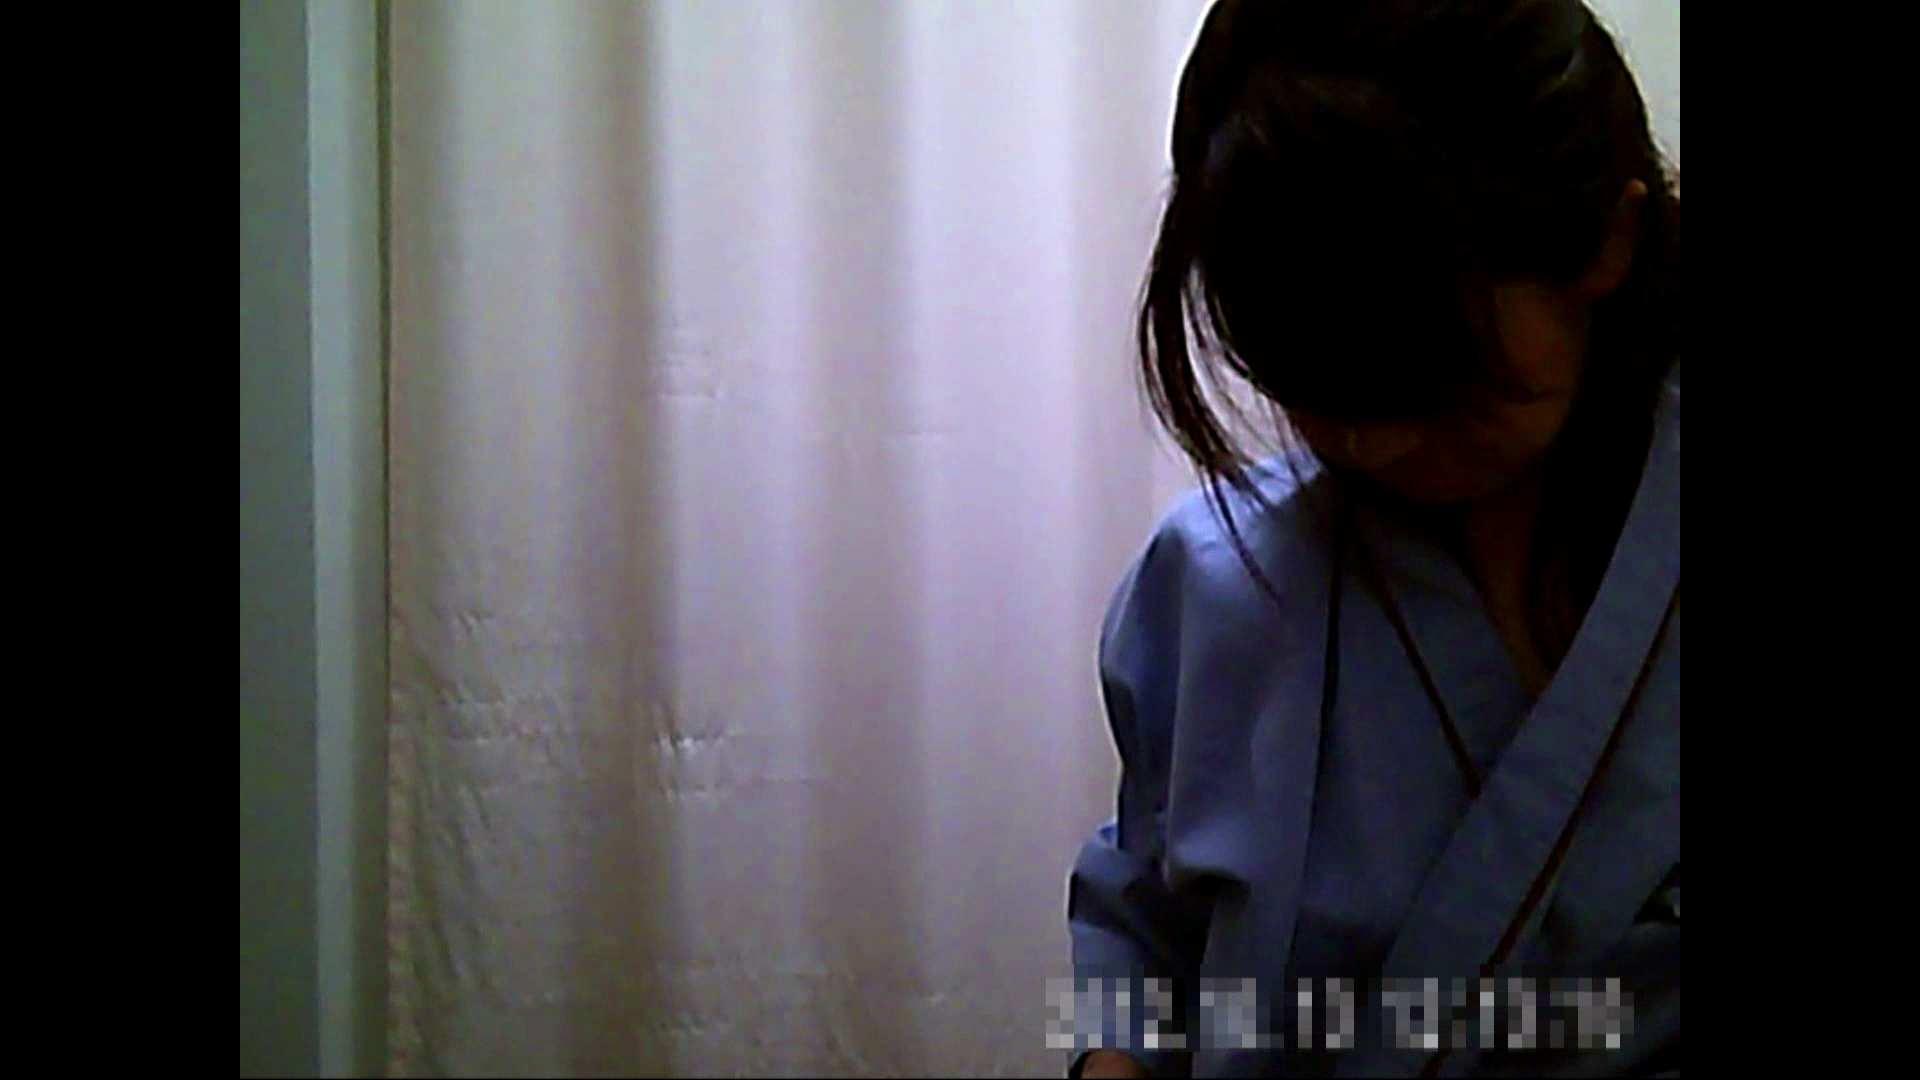 元医者による反抗 更衣室地獄絵巻 vol.059 OLハメ撮り  95Pix 57